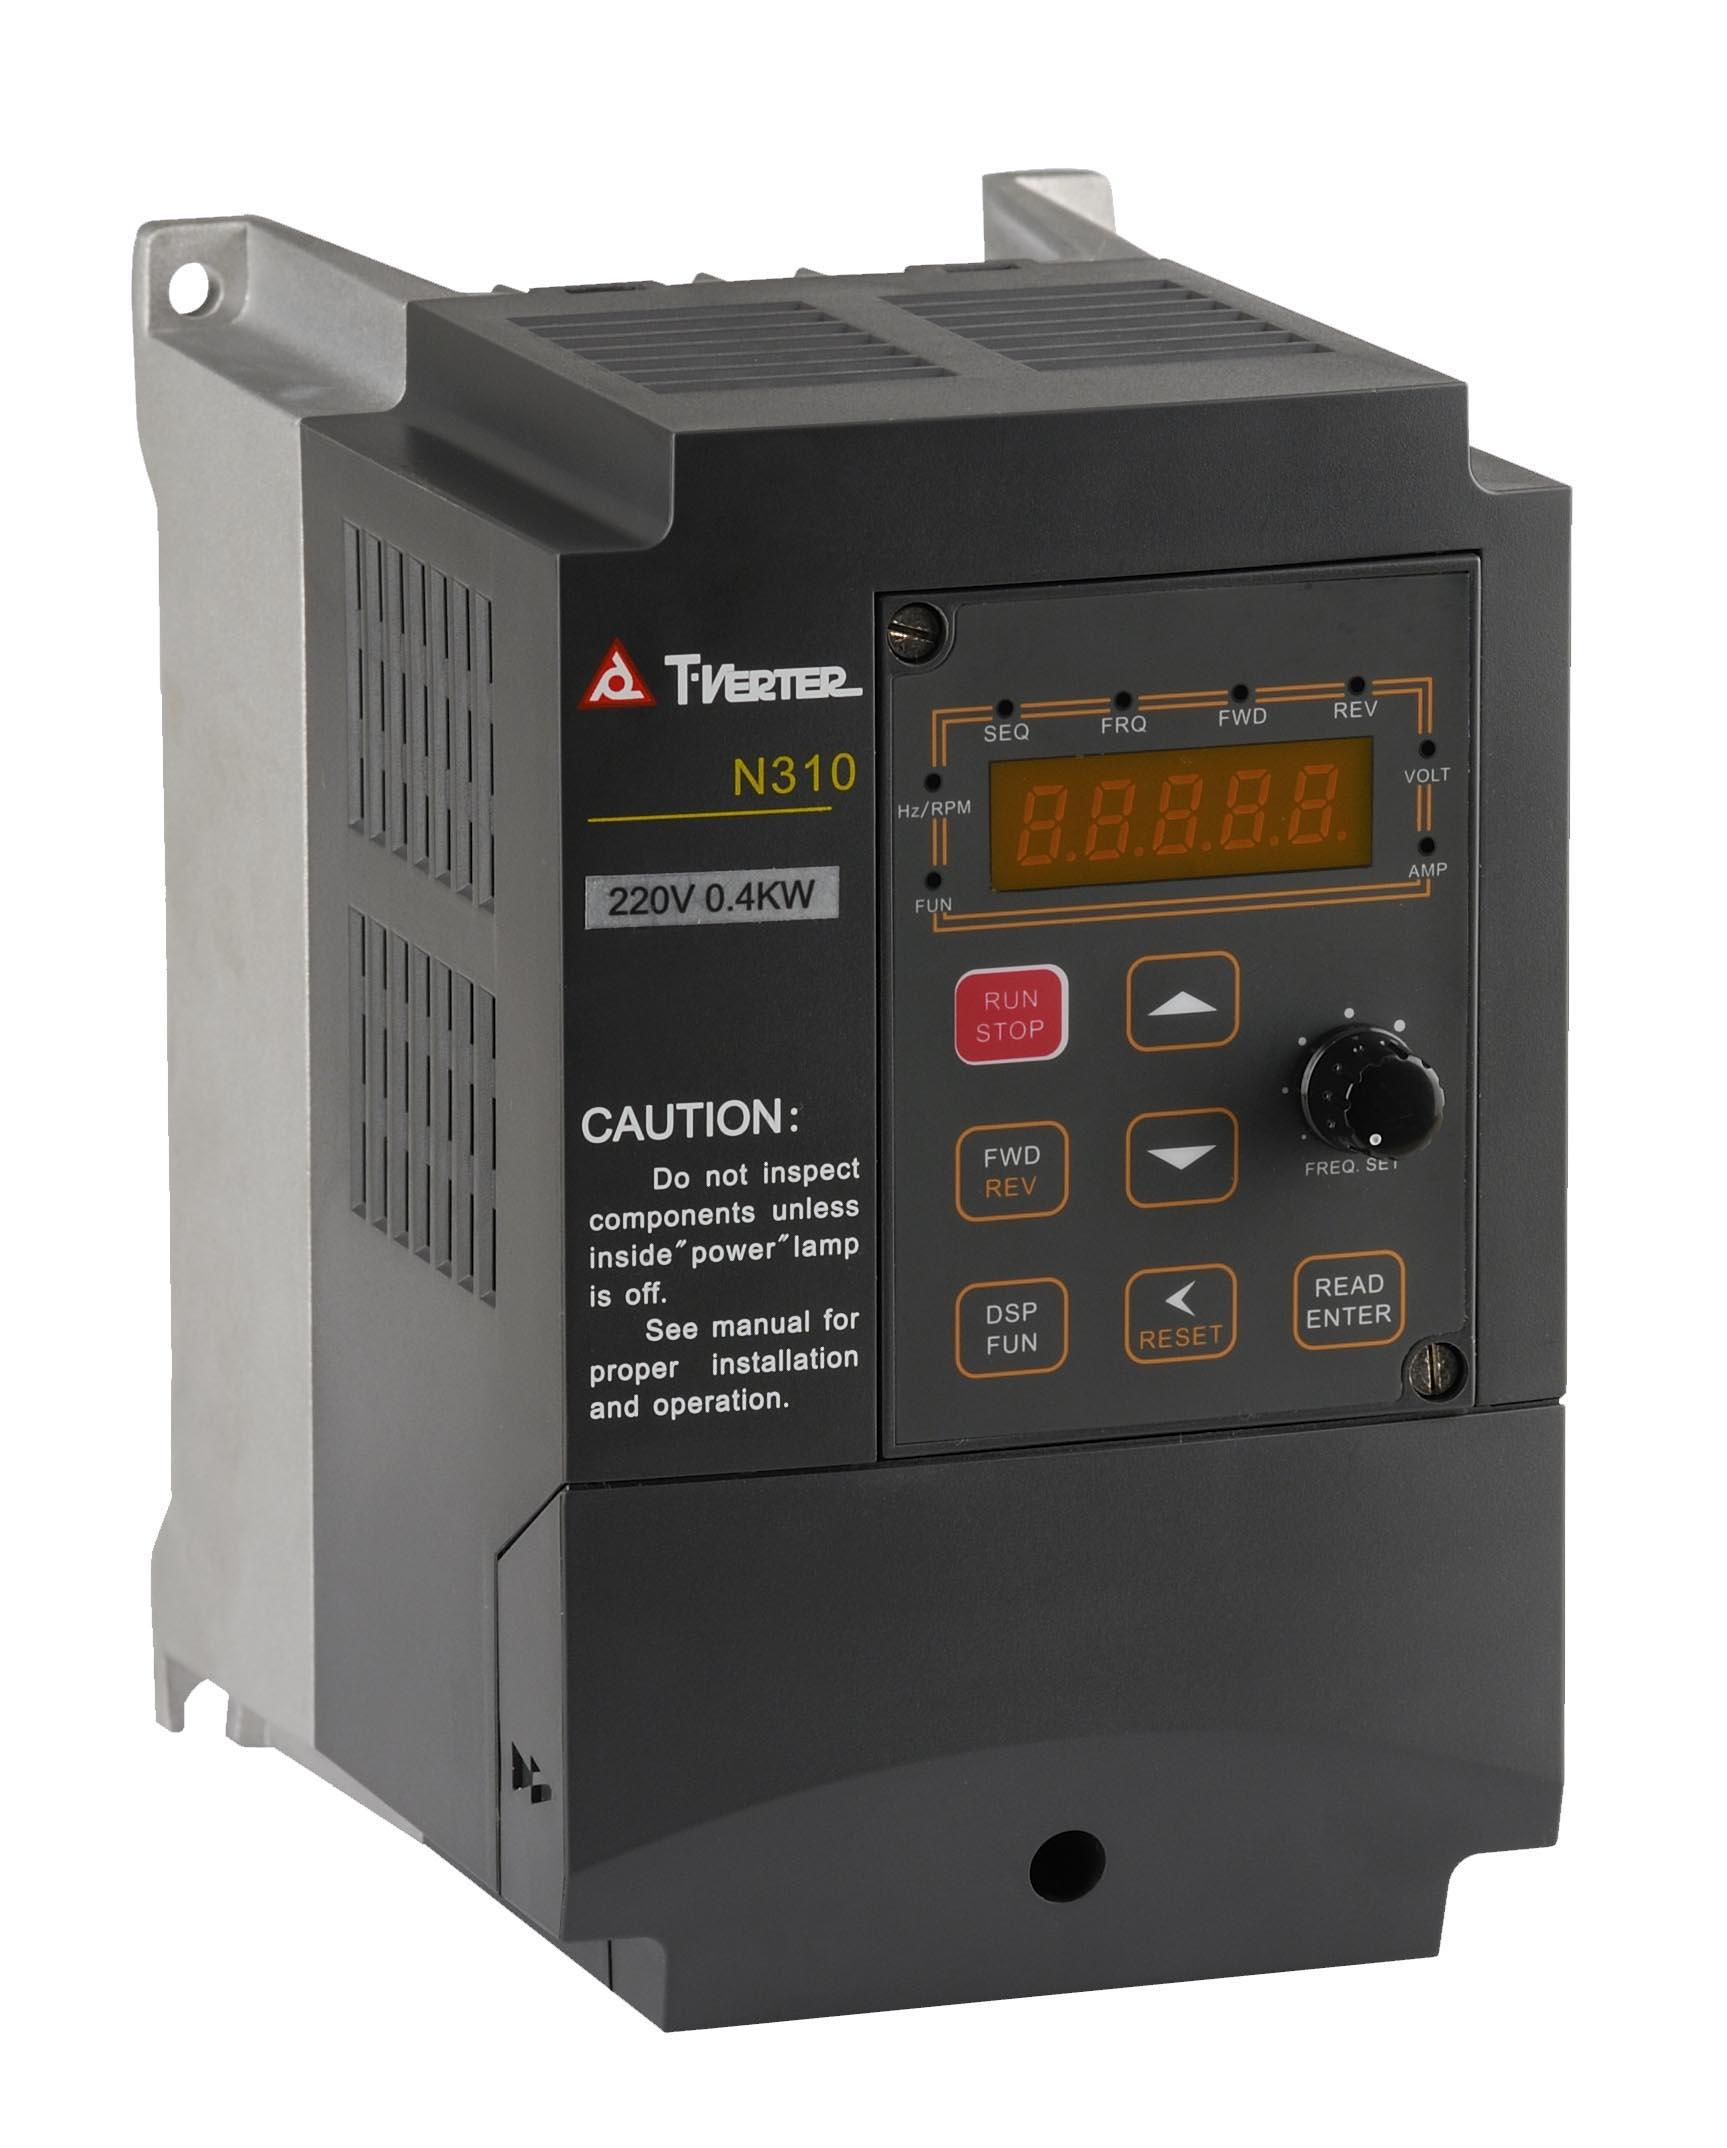 台安n310系列变频器